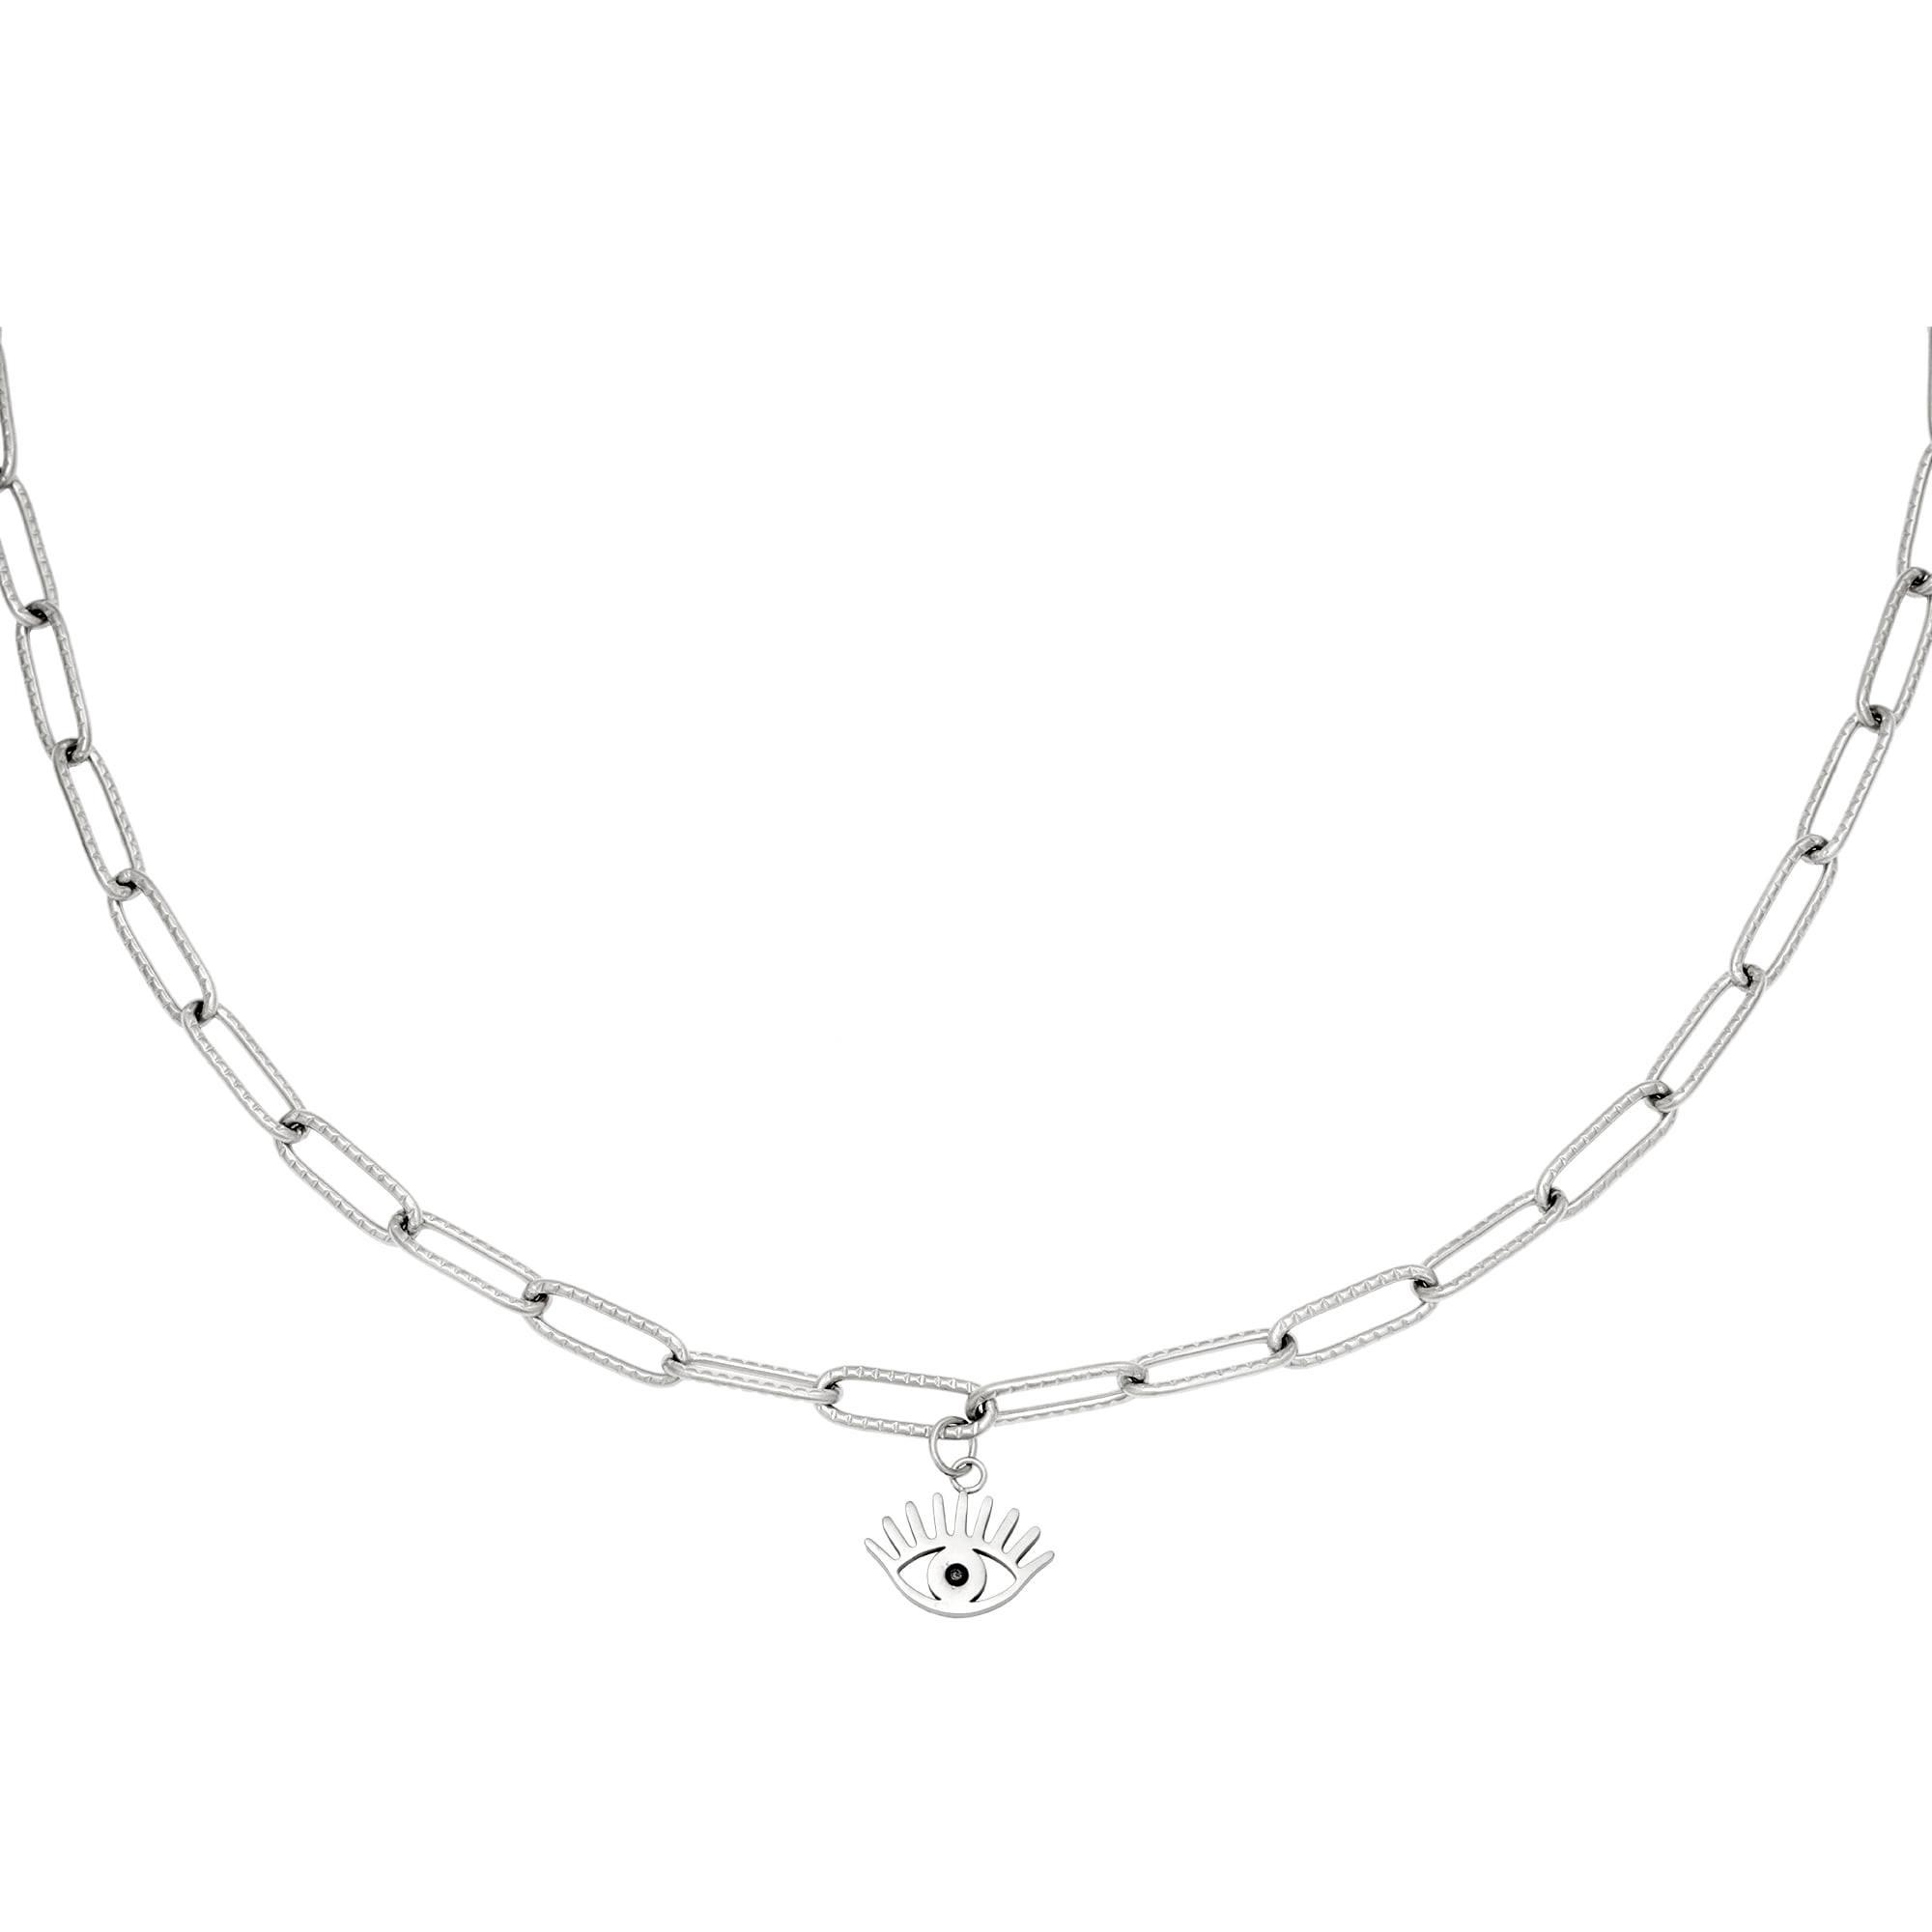 Schakelketting Eye Suprise zilver zilveren schakelketting oog bedel rvs roest vrij stalen sieraden kettingen kopen bestellen